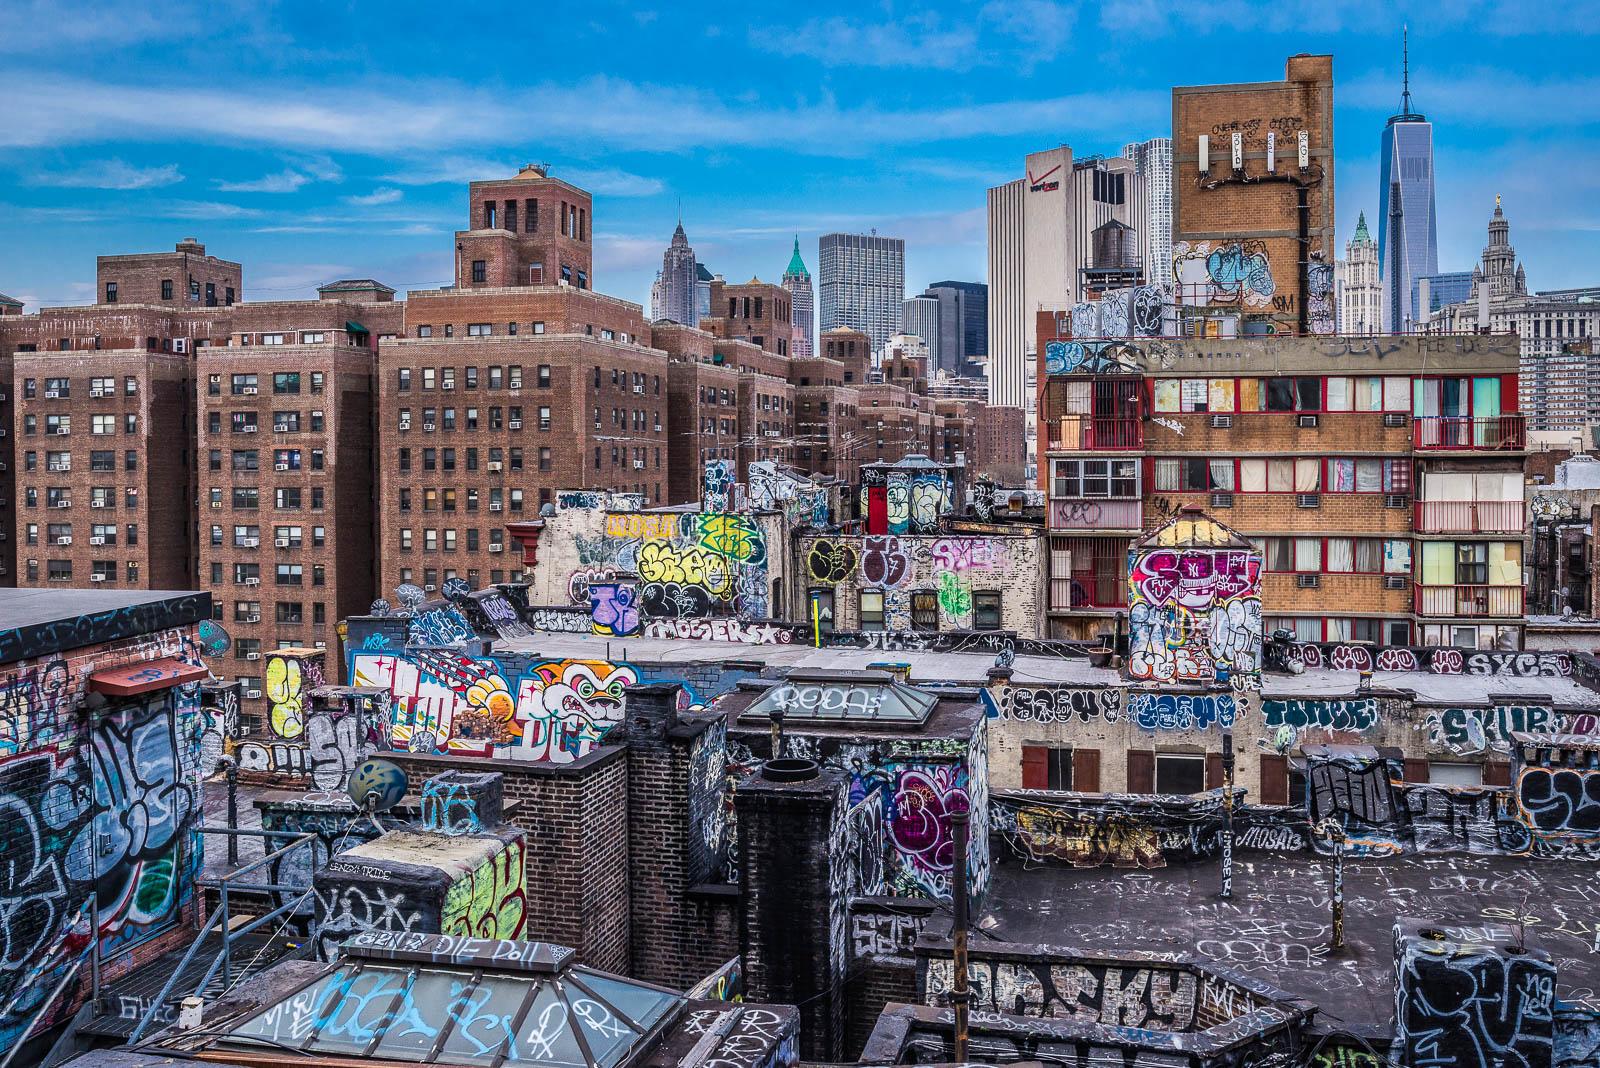 New York Chinatwon Rooftops graffiti